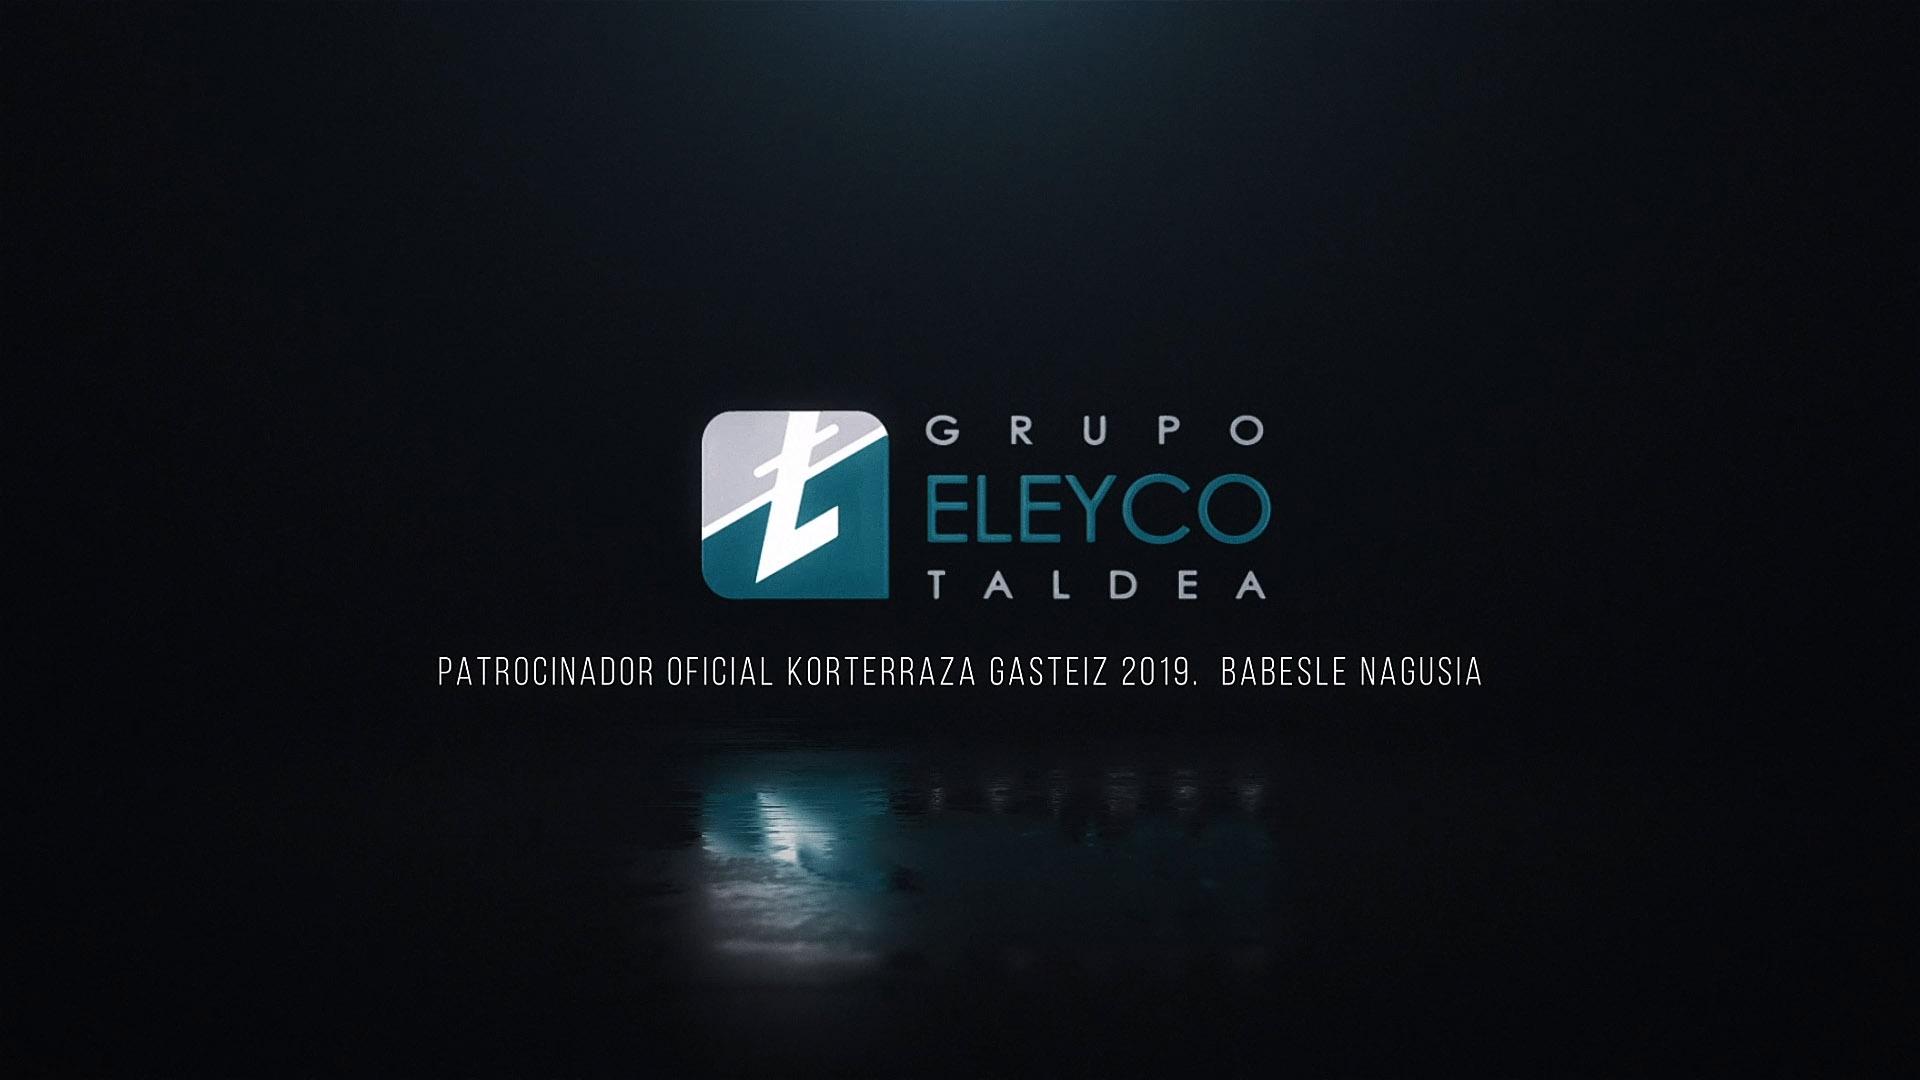 Buenas noticias: ¡Grupo Eleyco se une a Korterraza!